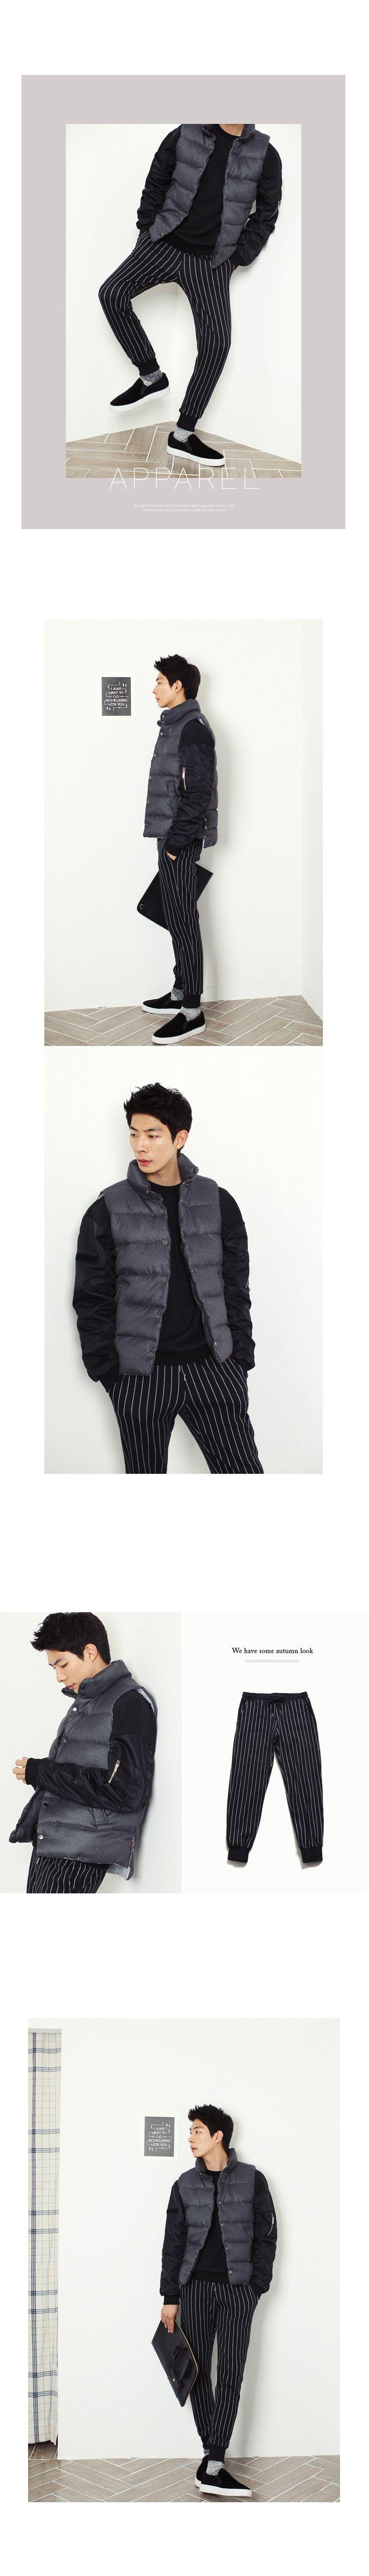 ストライプパターンウエストゴムパンツ・全2色パンツ・ズボンパンツ・ズボン通販 | メンズファッション 通販サイト【ディーホリックメンズ DHOLIC MEN'S】